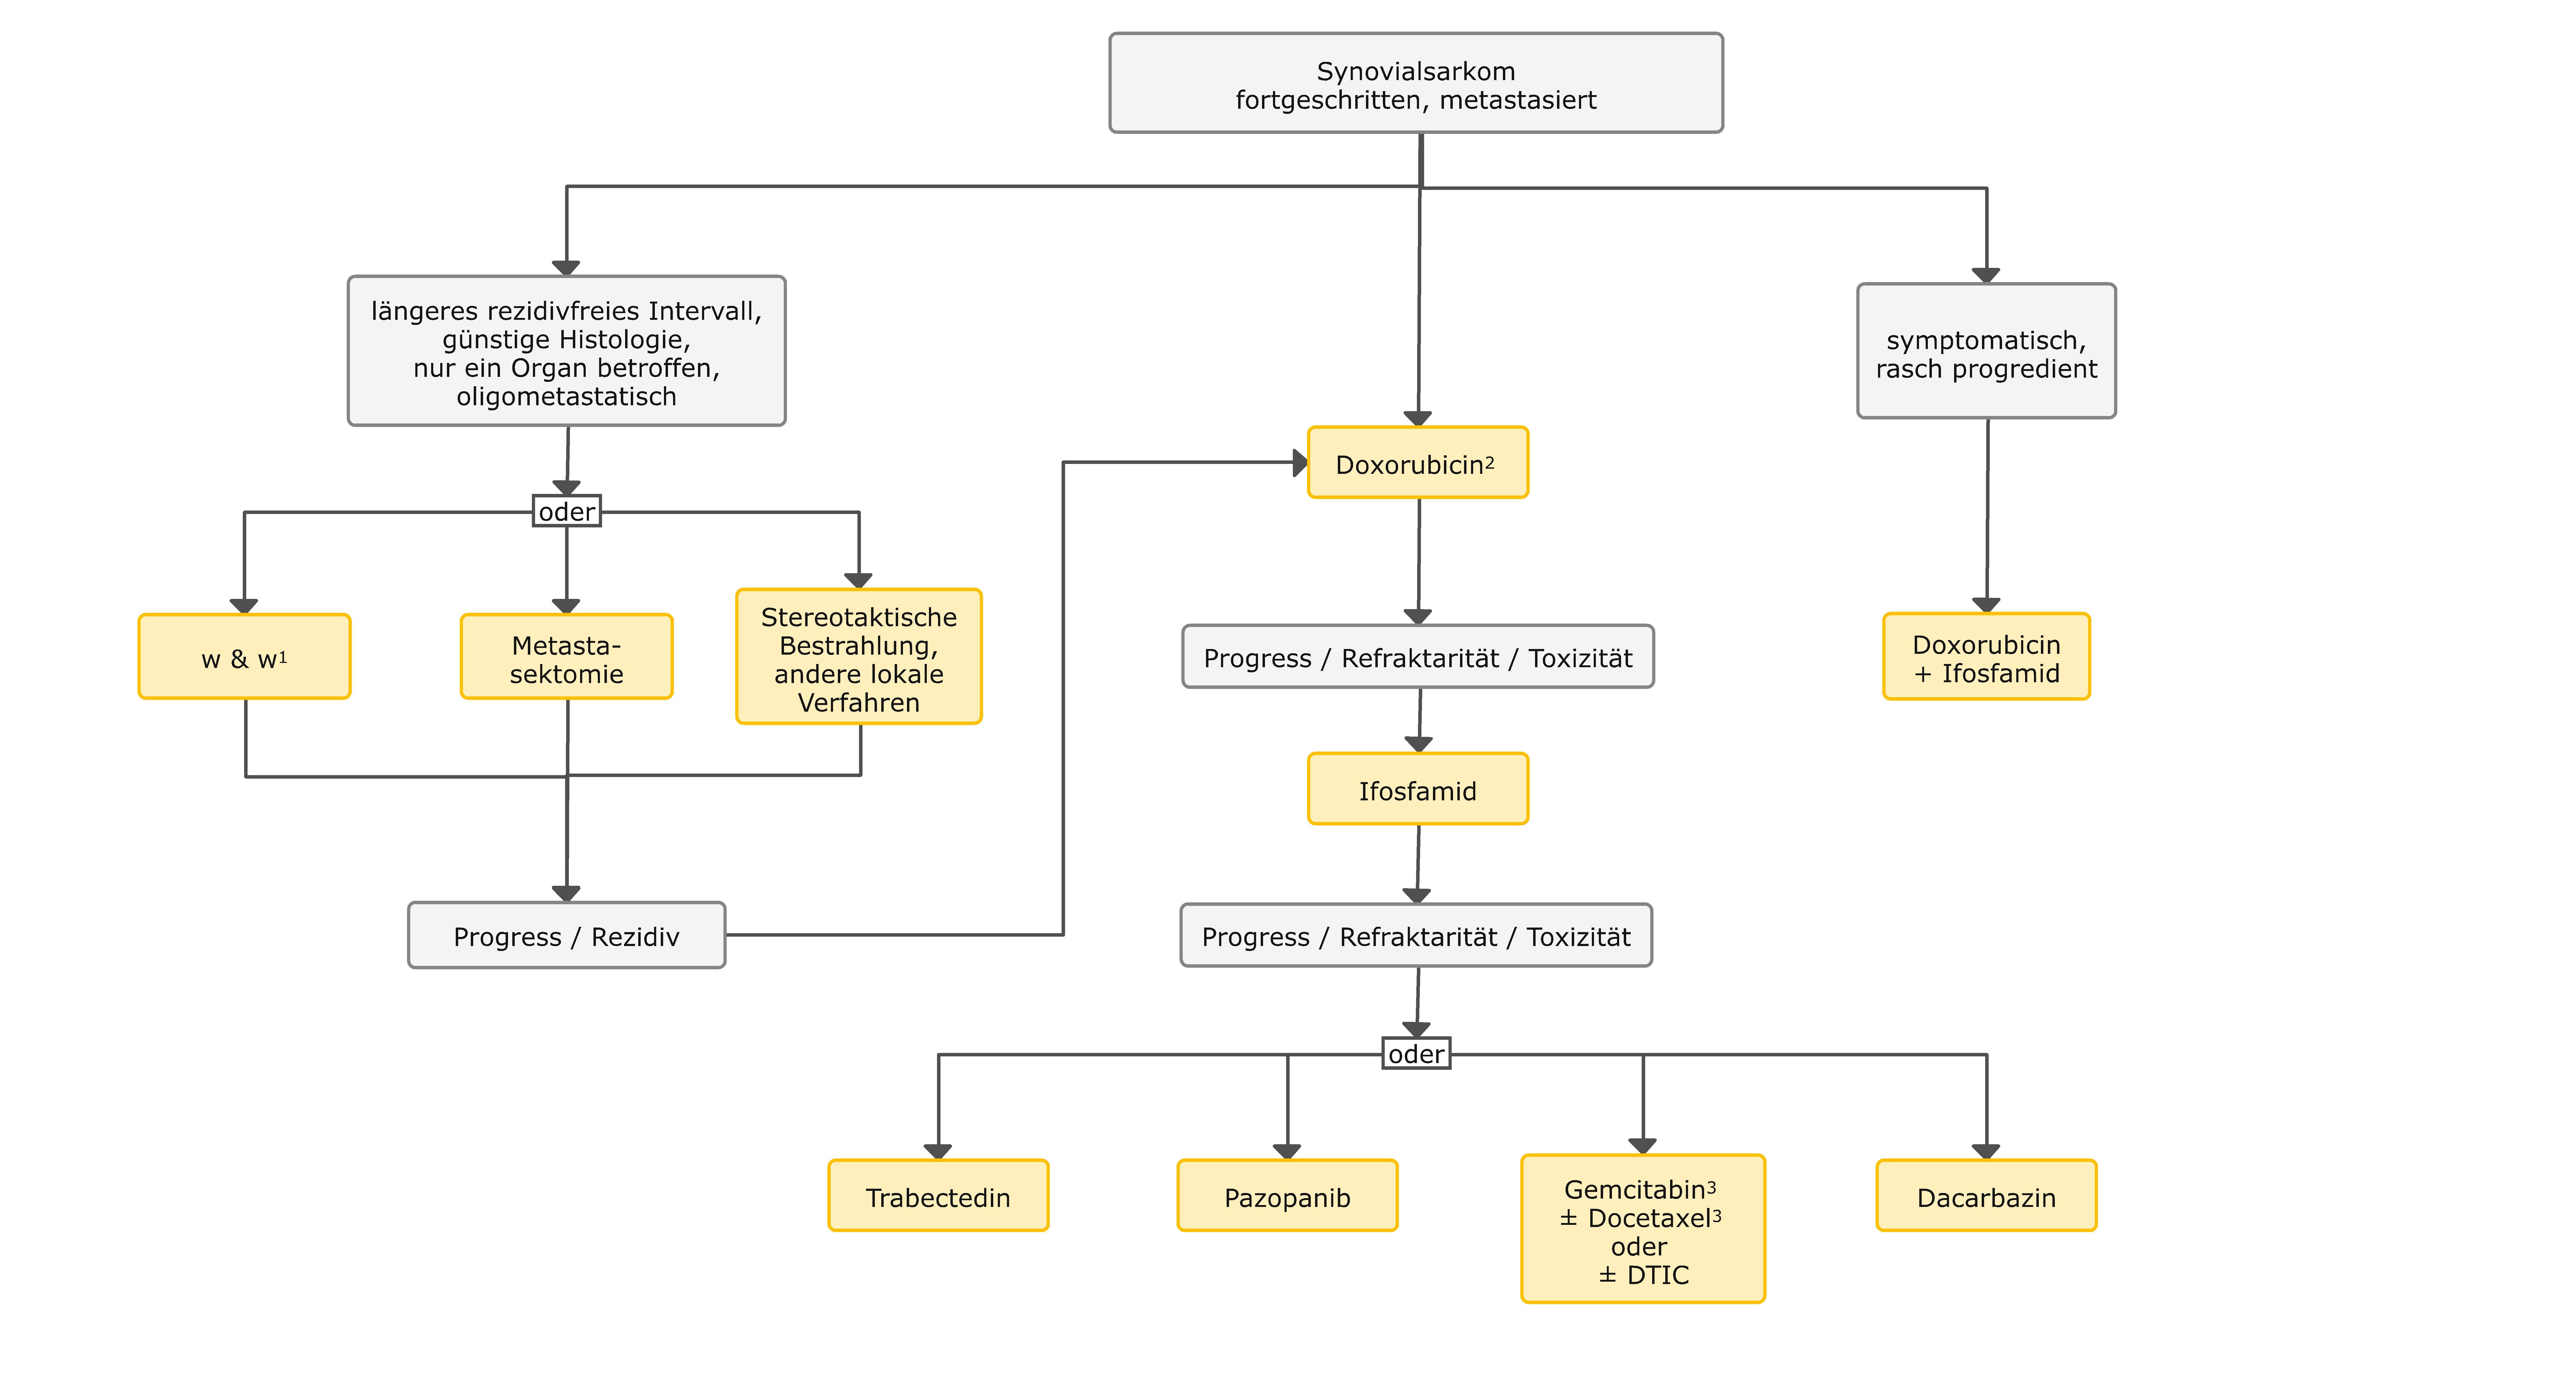 Therapiealgorithmus beim fortgeschrittenen Synovialsarkom